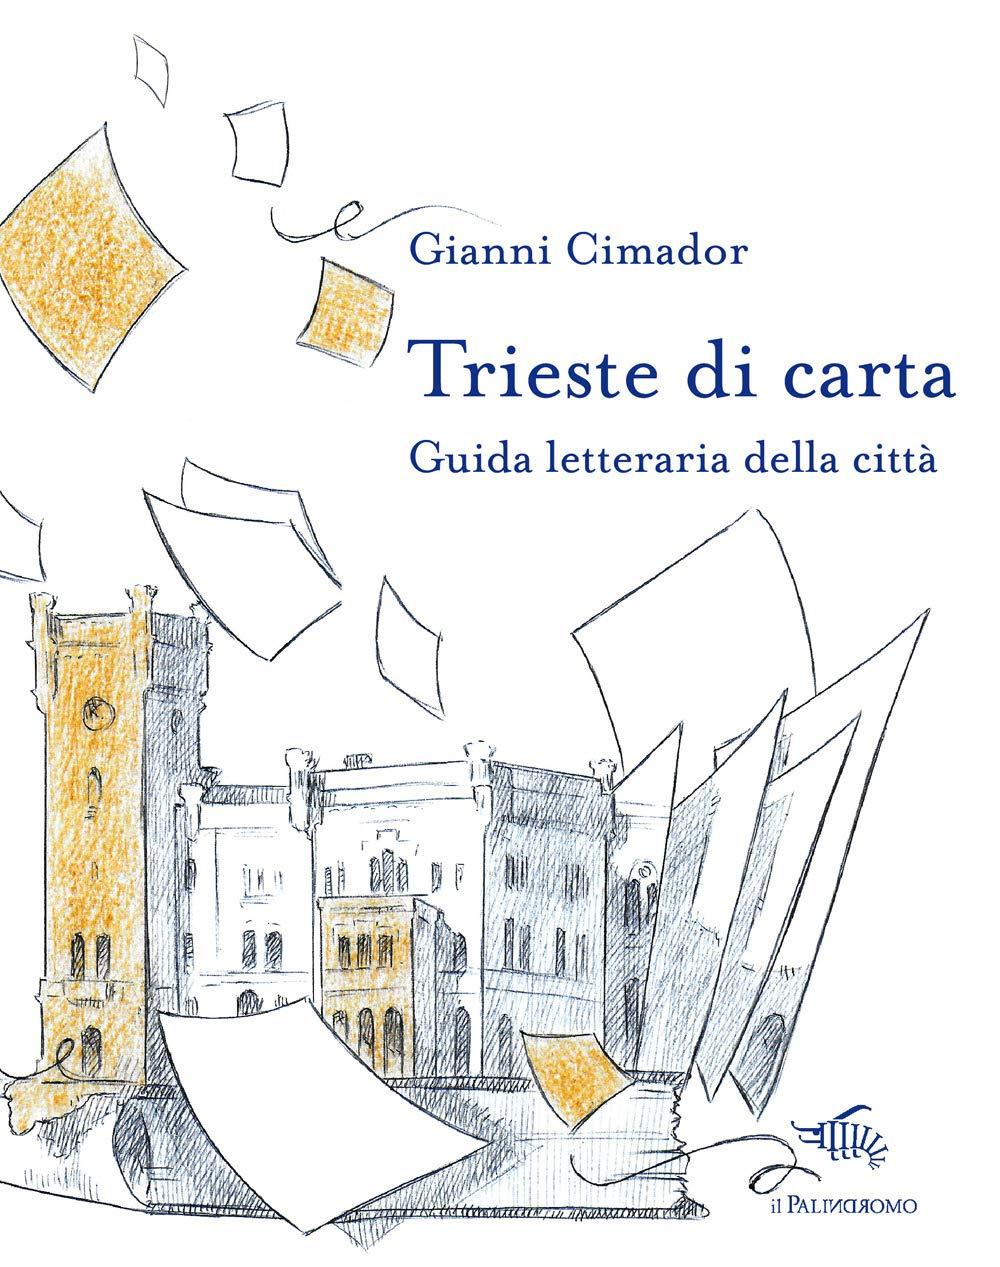 Trieste di carta. Guida letteraria della città